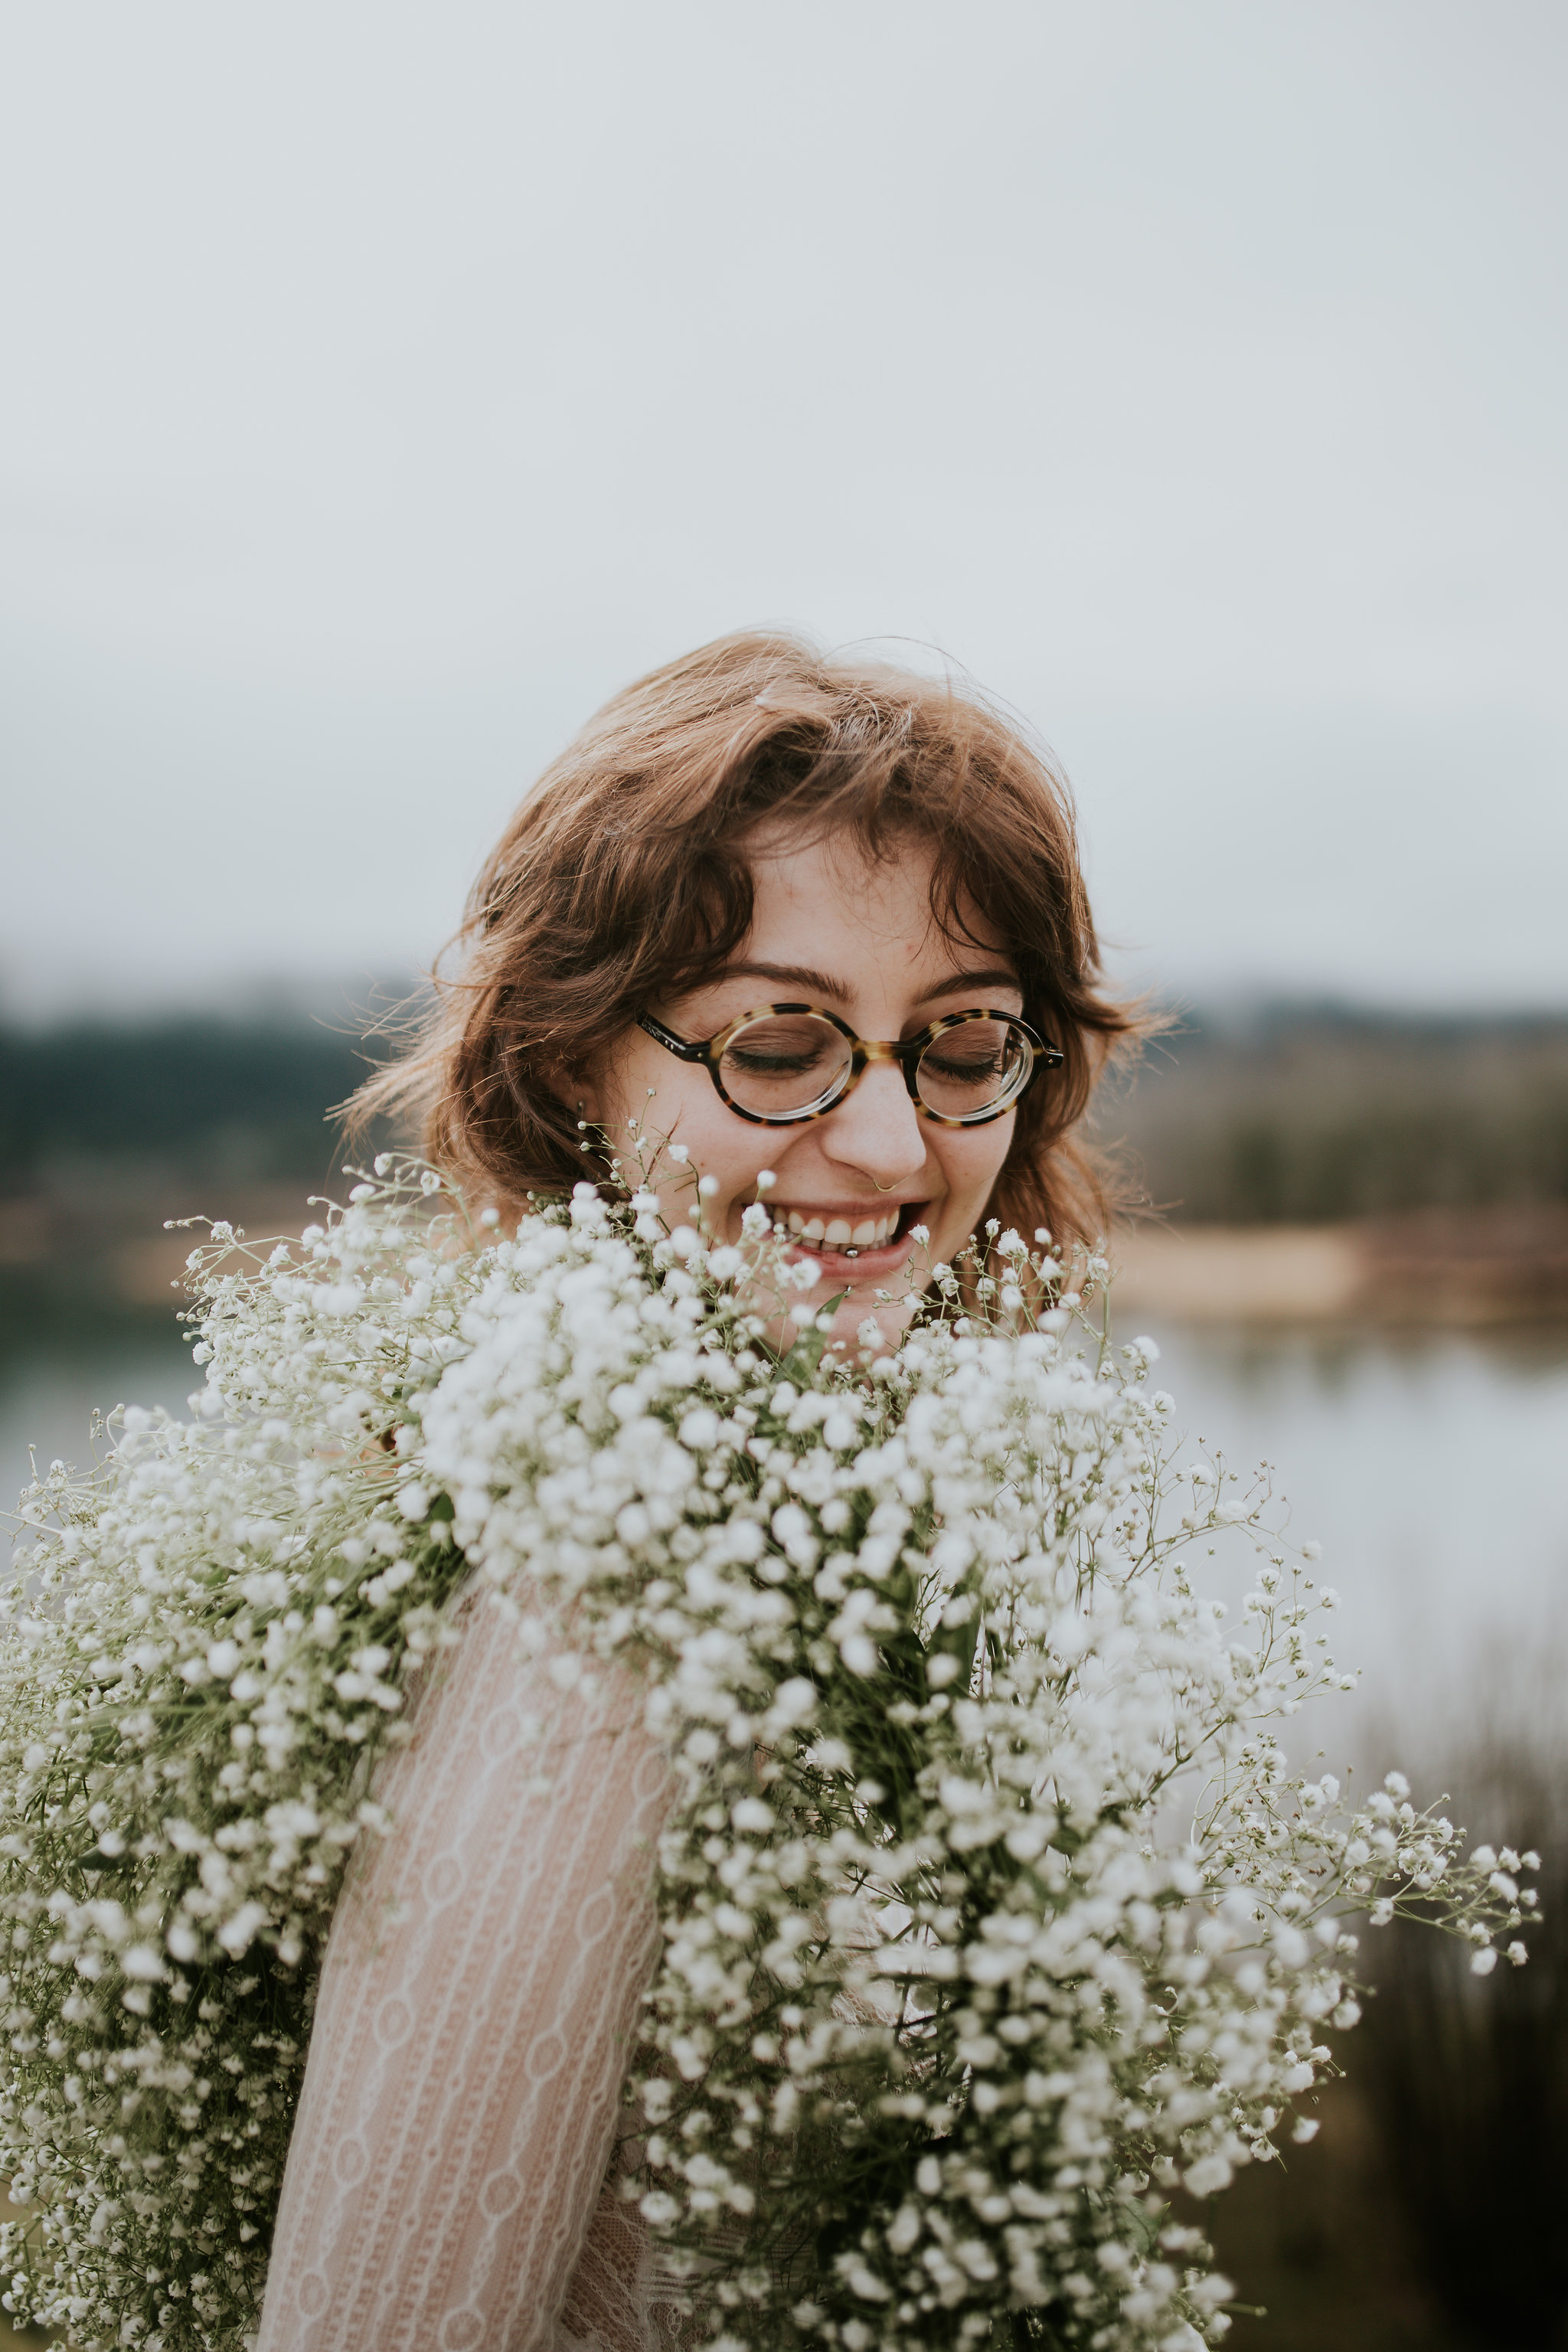 Em Boudoir Shoot Portland Oregon Vancouver Washington Jamie Carle Photography Flowers Laurel Hurst Florist